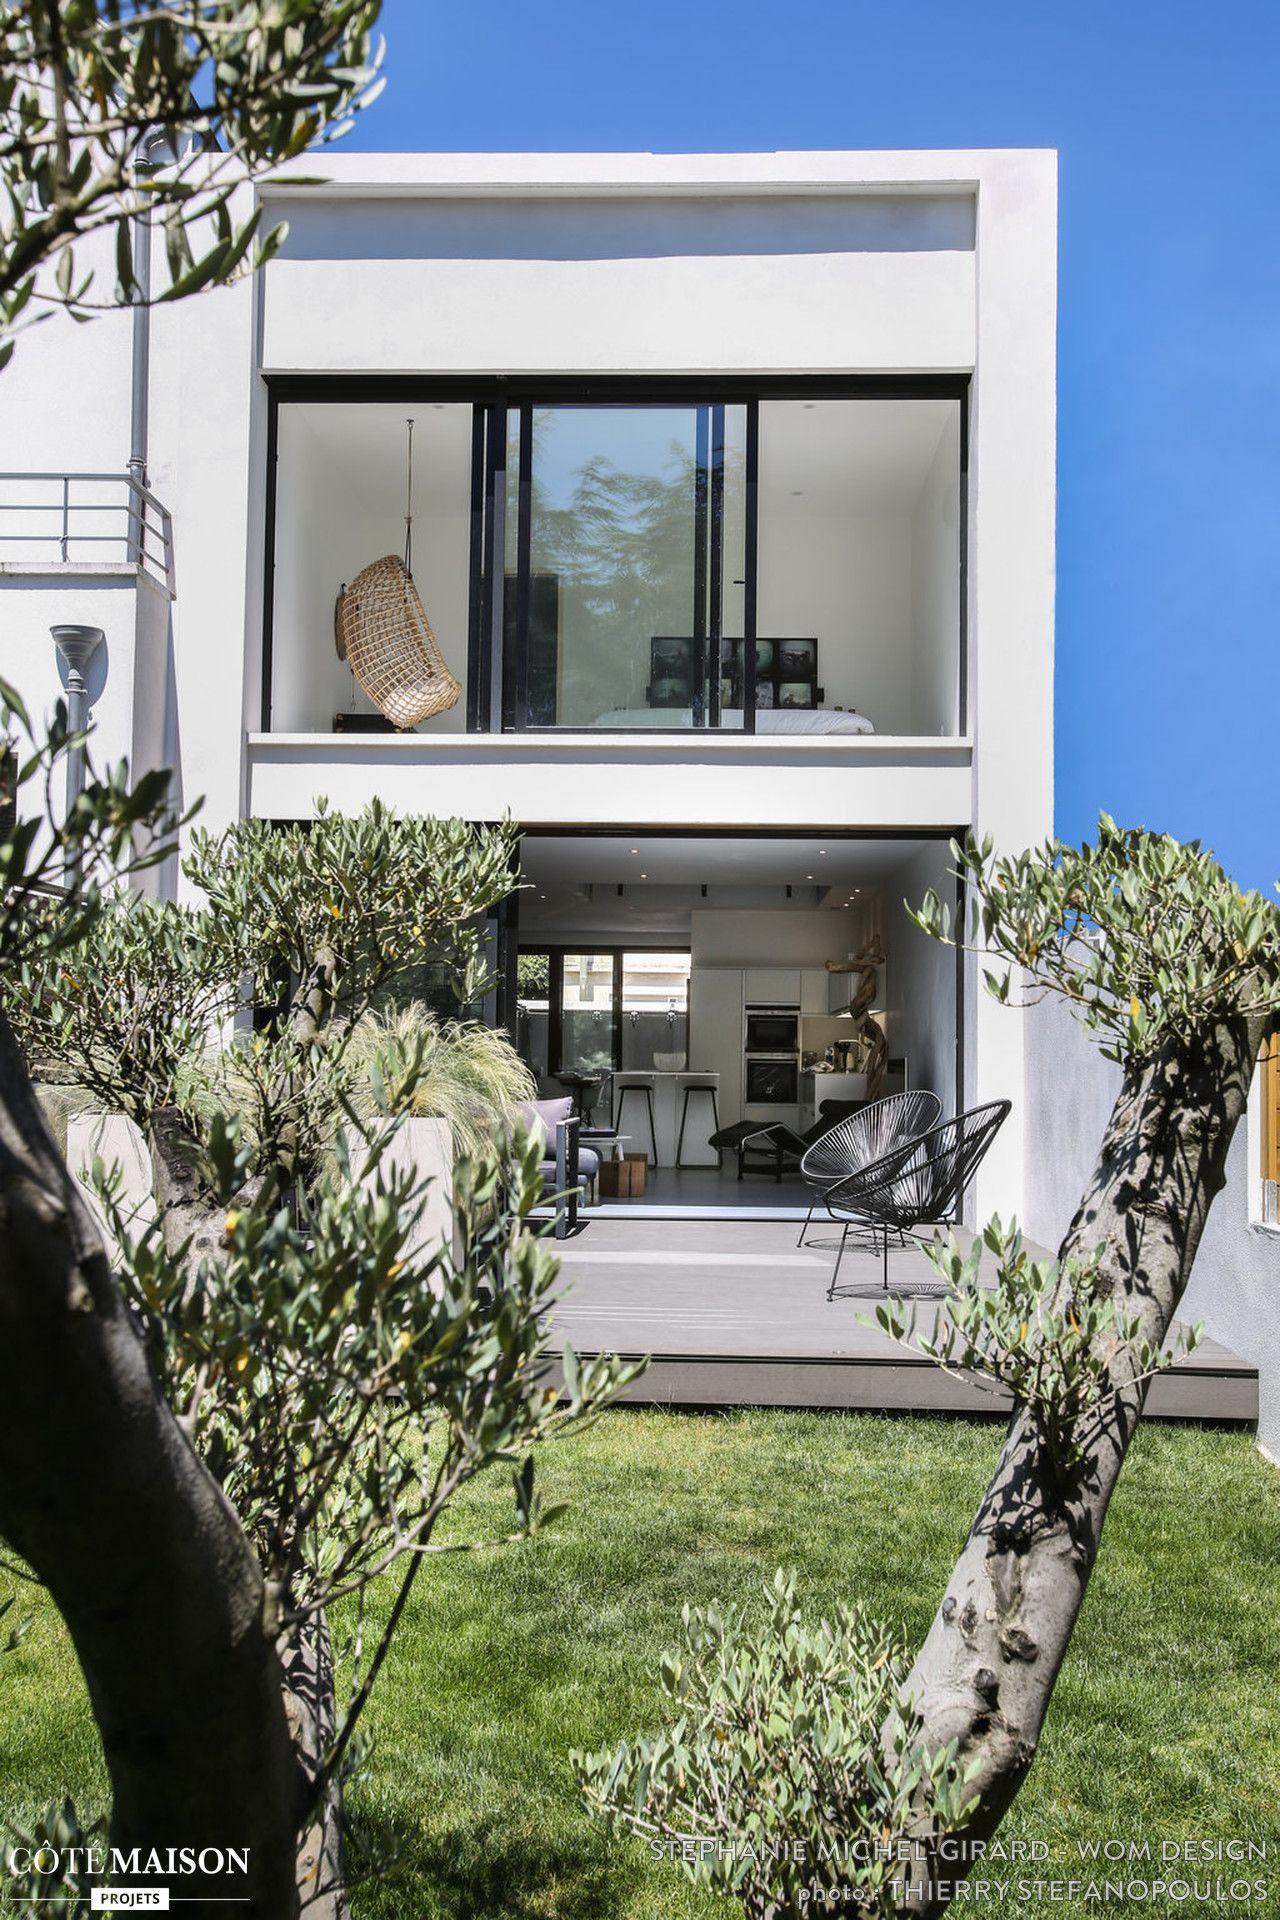 Construction et am nagement d 39 une maison ultra for Maison ultra contemporaine